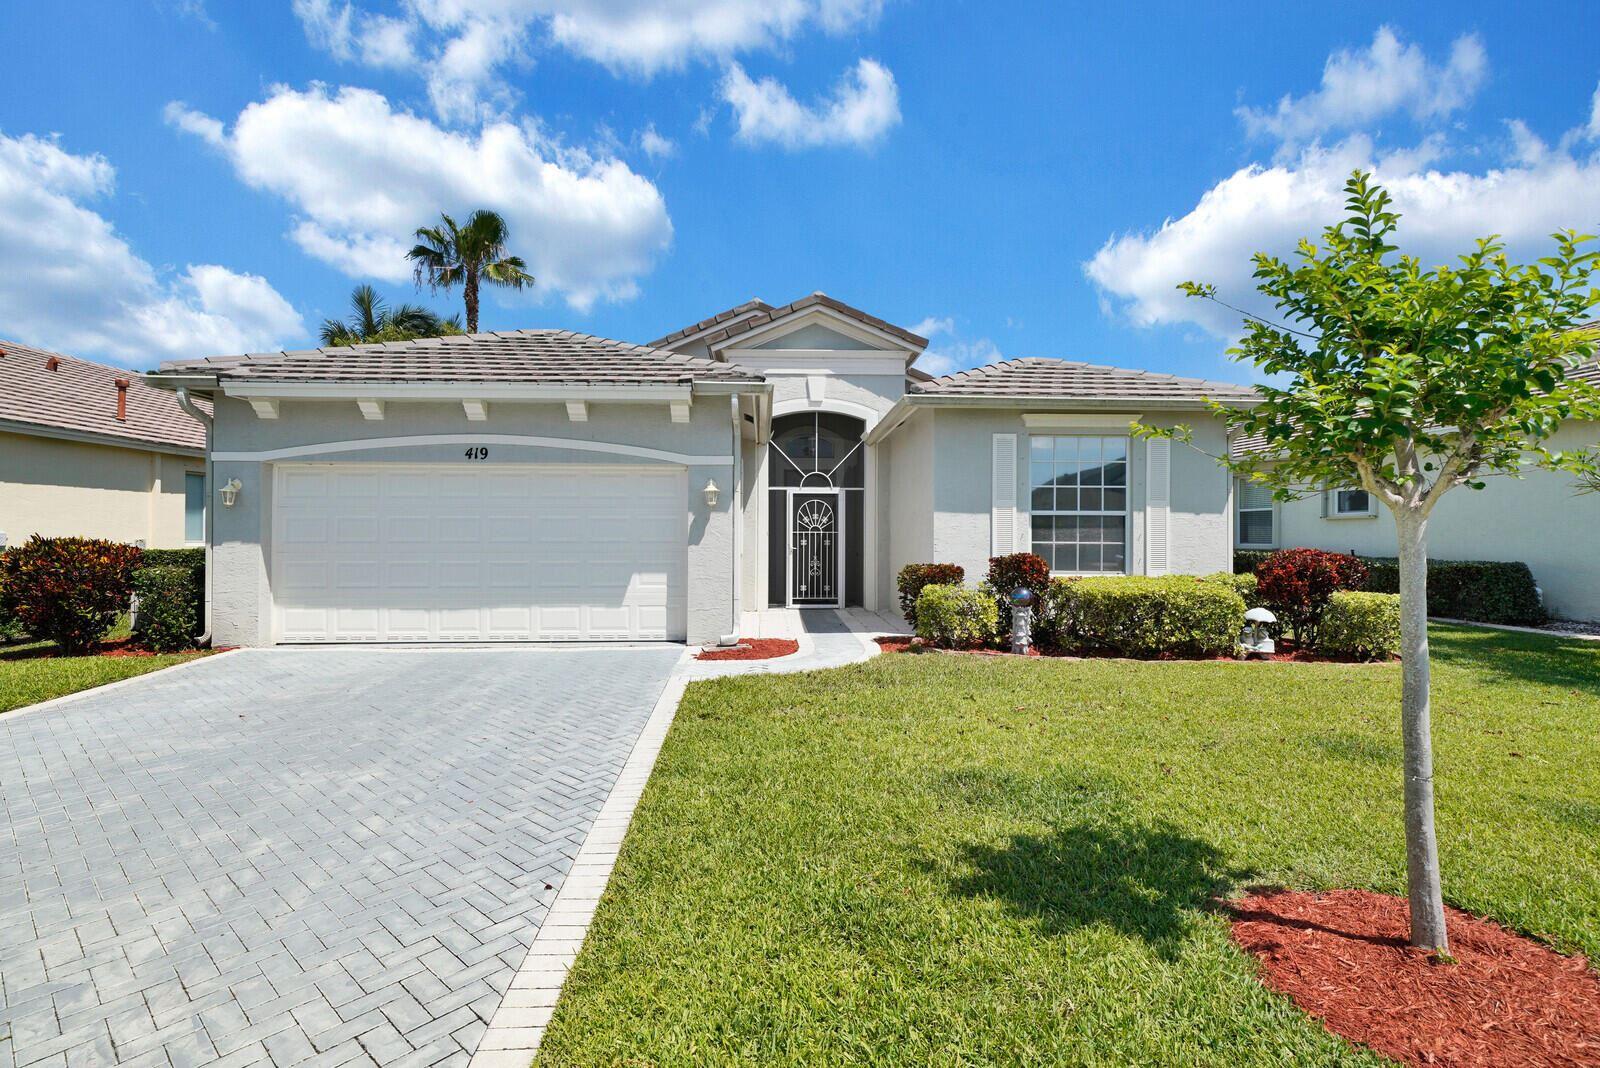 419 SW Talquin Lane, Port Saint Lucie, FL 34986 - #: RX-10709141